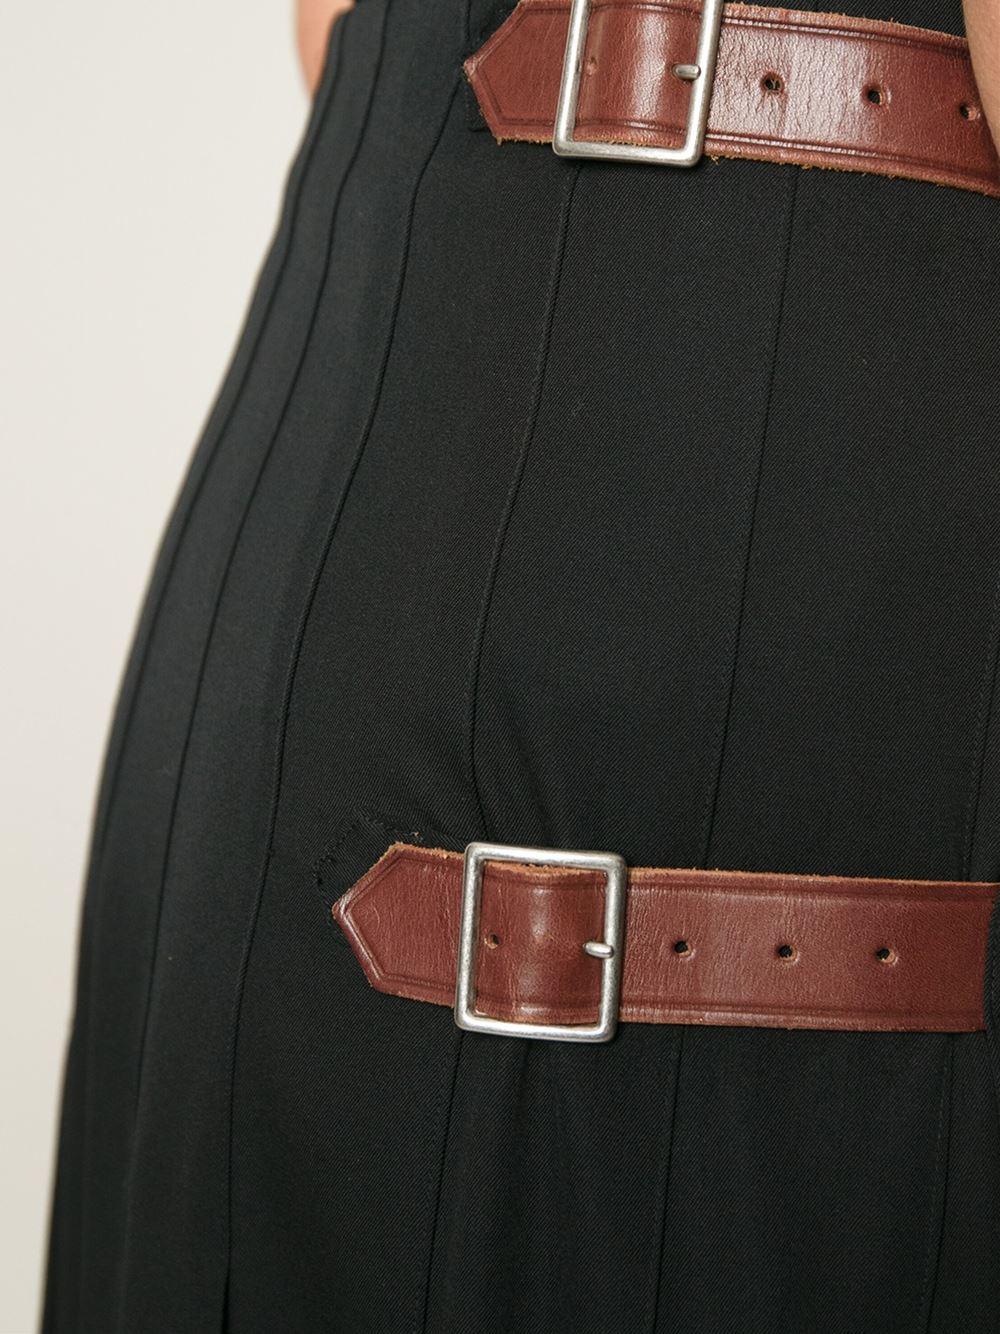 comme des gar ons 39 robe de chambre 39 kilt skirt in black lyst. Black Bedroom Furniture Sets. Home Design Ideas